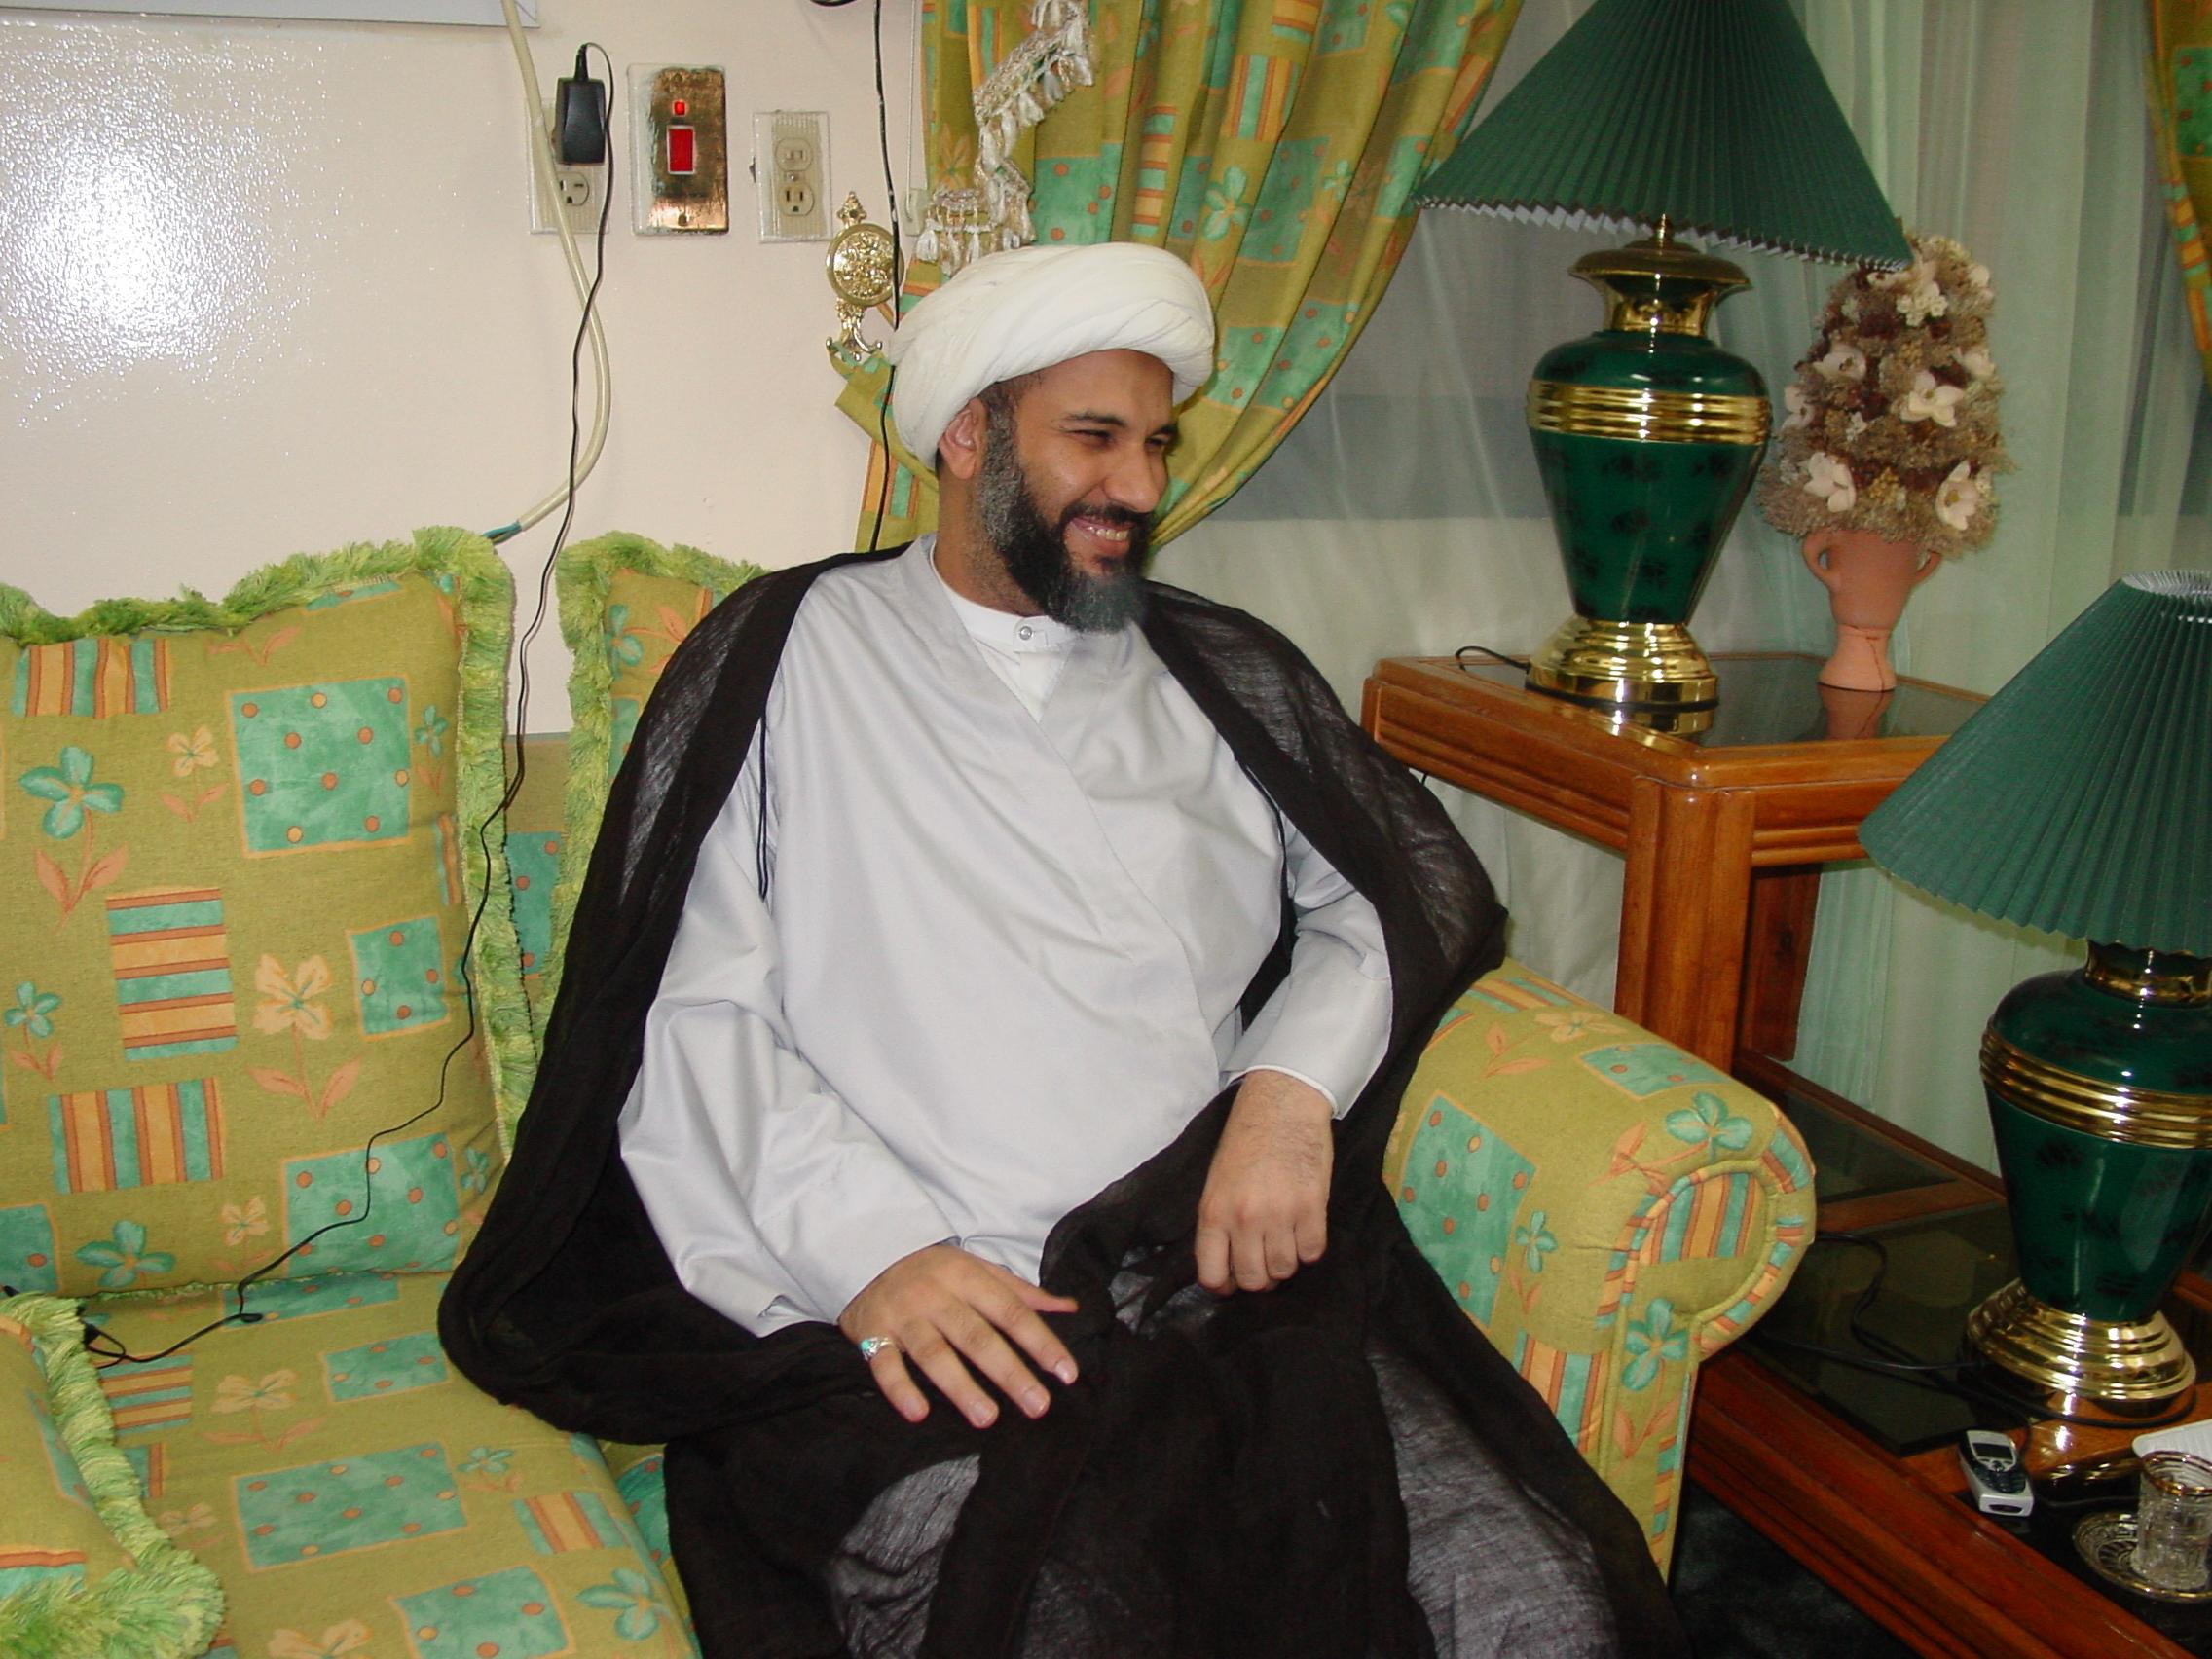 فضيلة الشيخ مهدي المصلي - تاروت